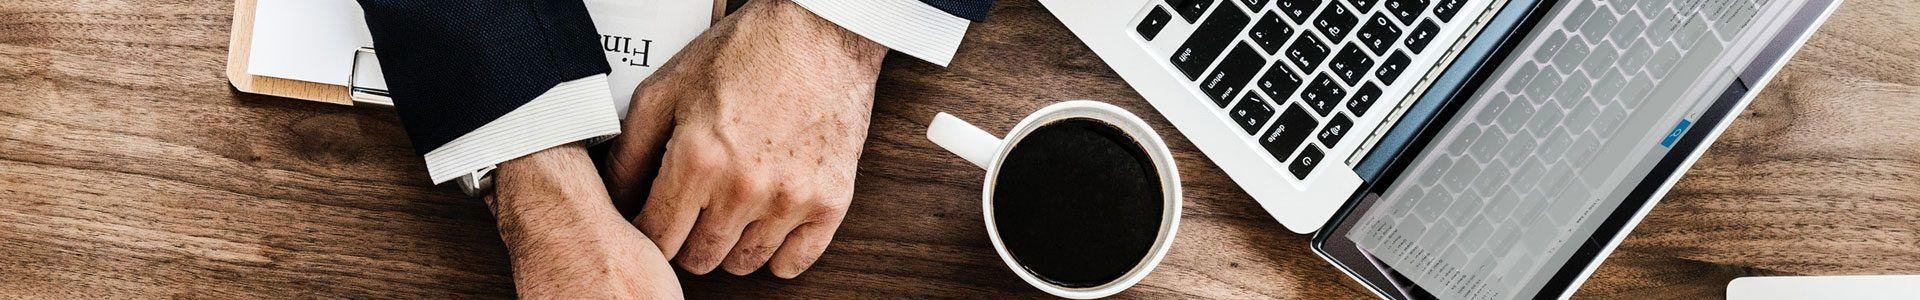 Schakel een SEO bedrijf in voor jouw zoekmachine optimalisatie strategie